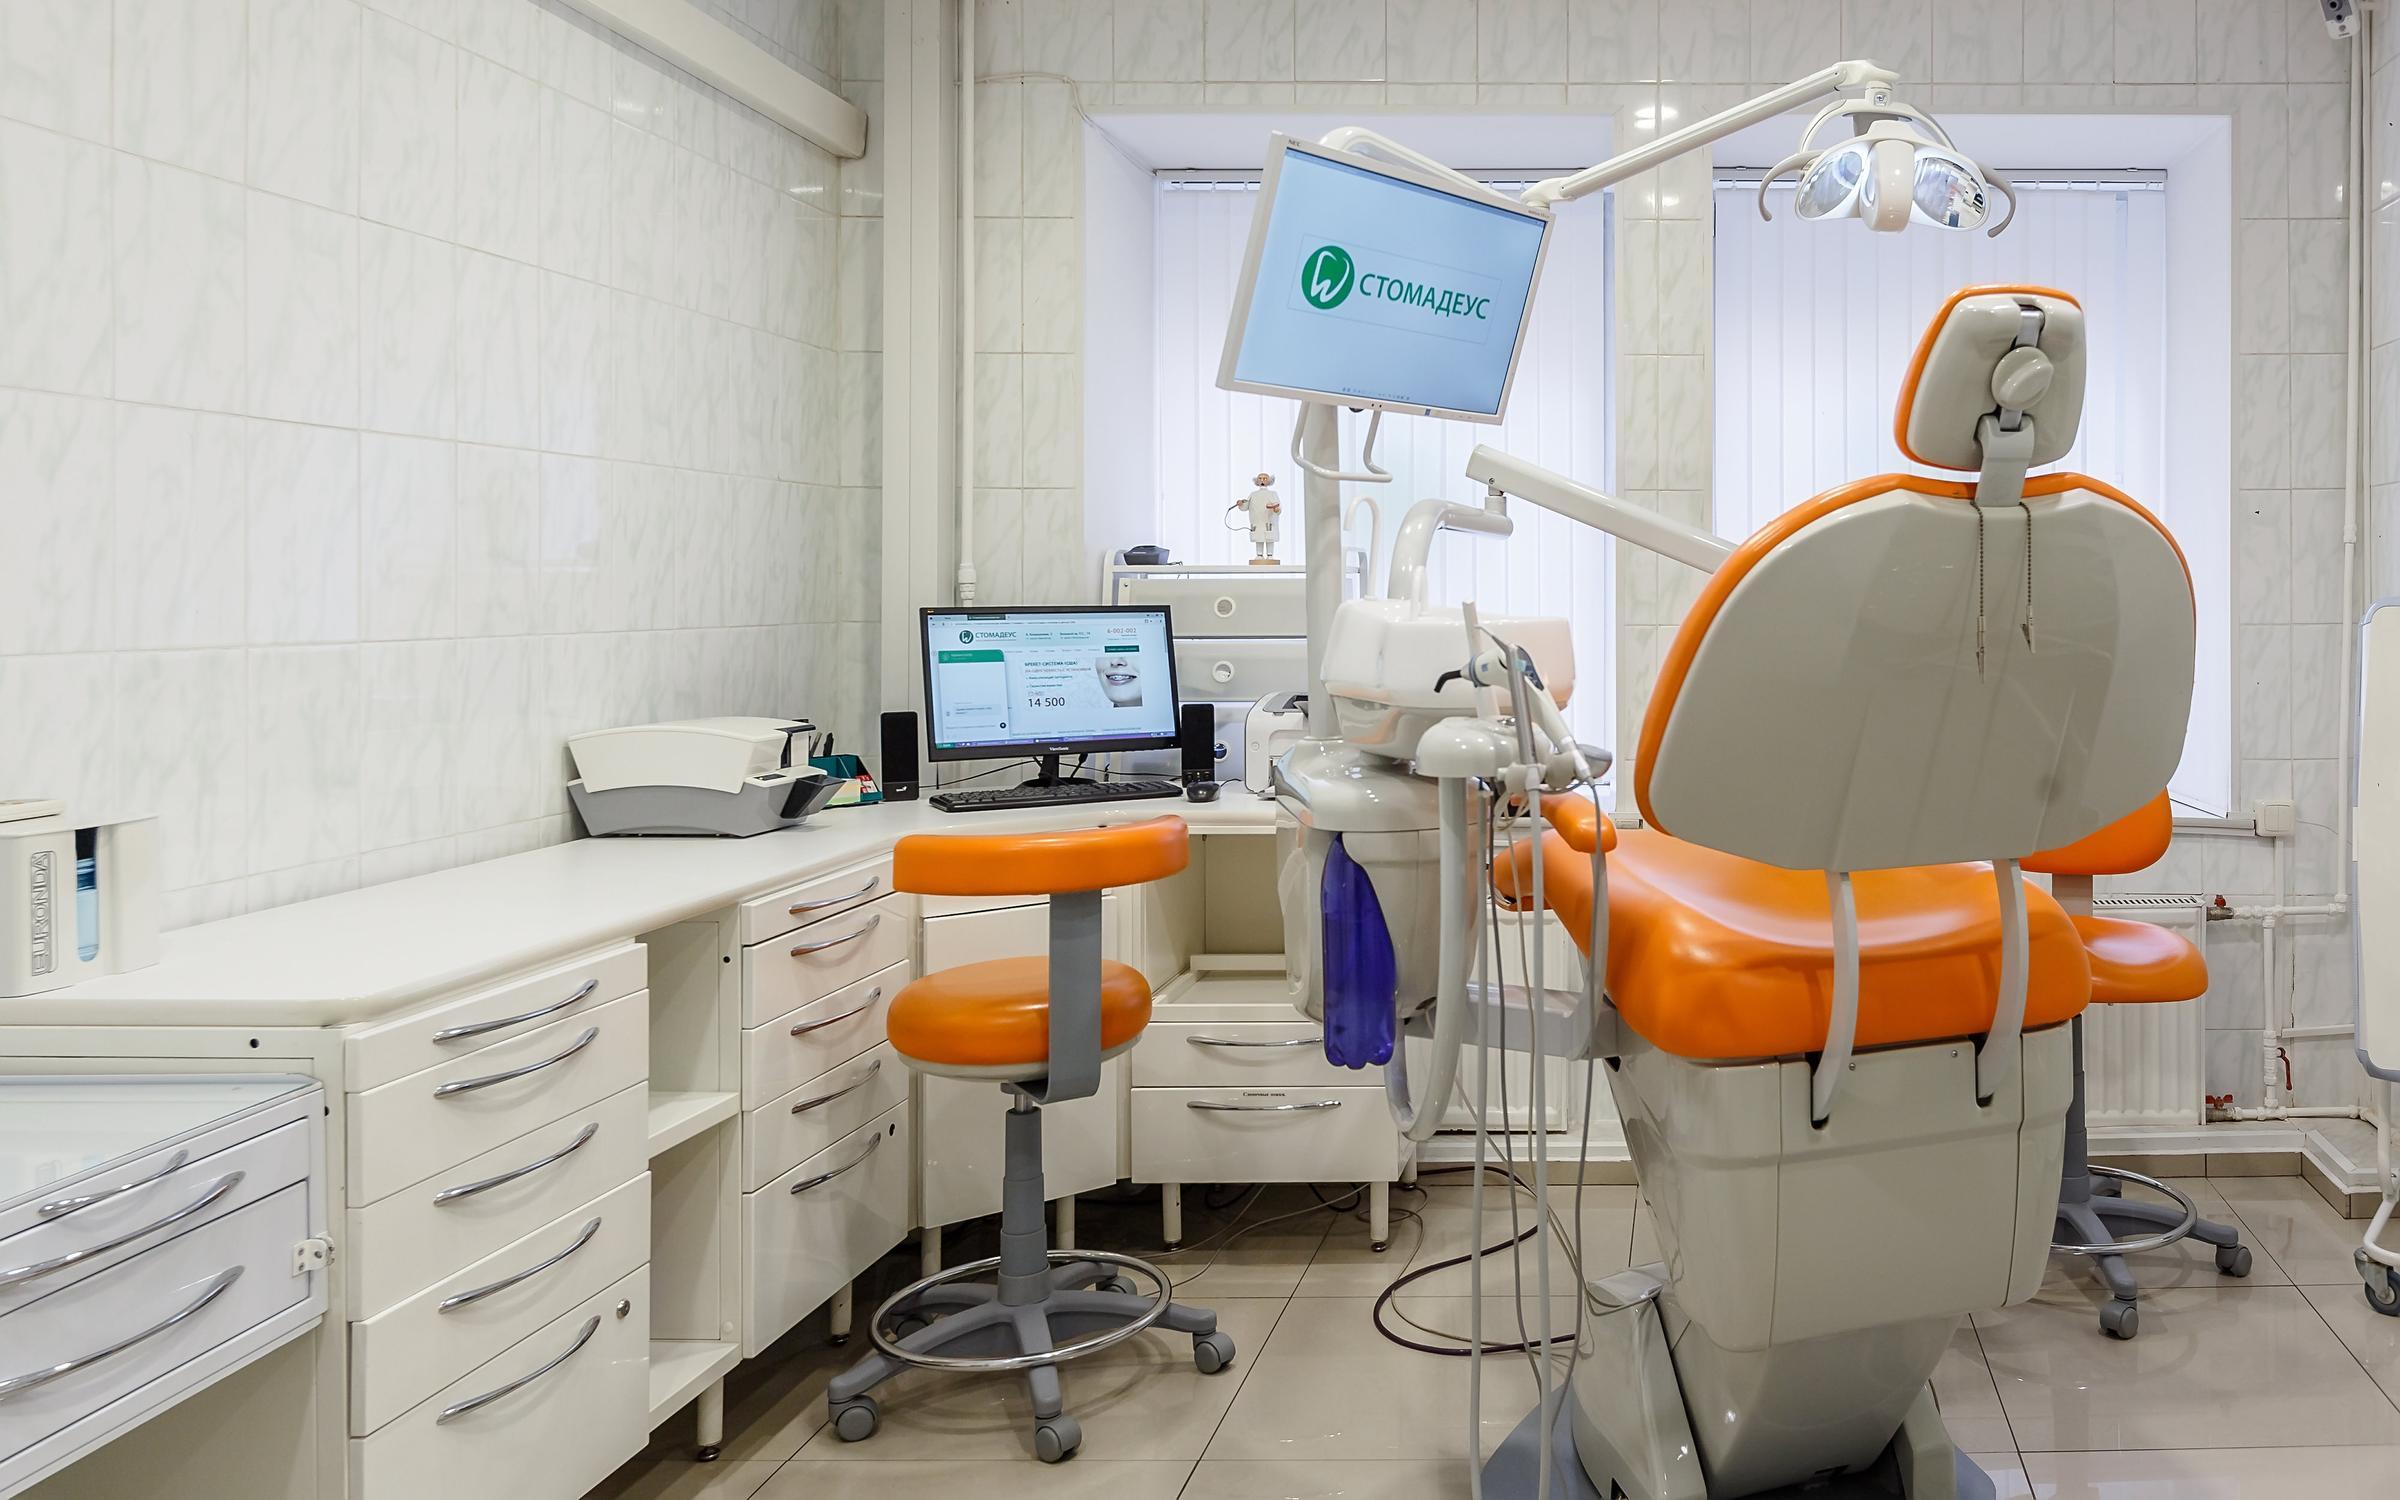 фотография Стоматологической клиники Стомадеус на Большой Конюшенной улице